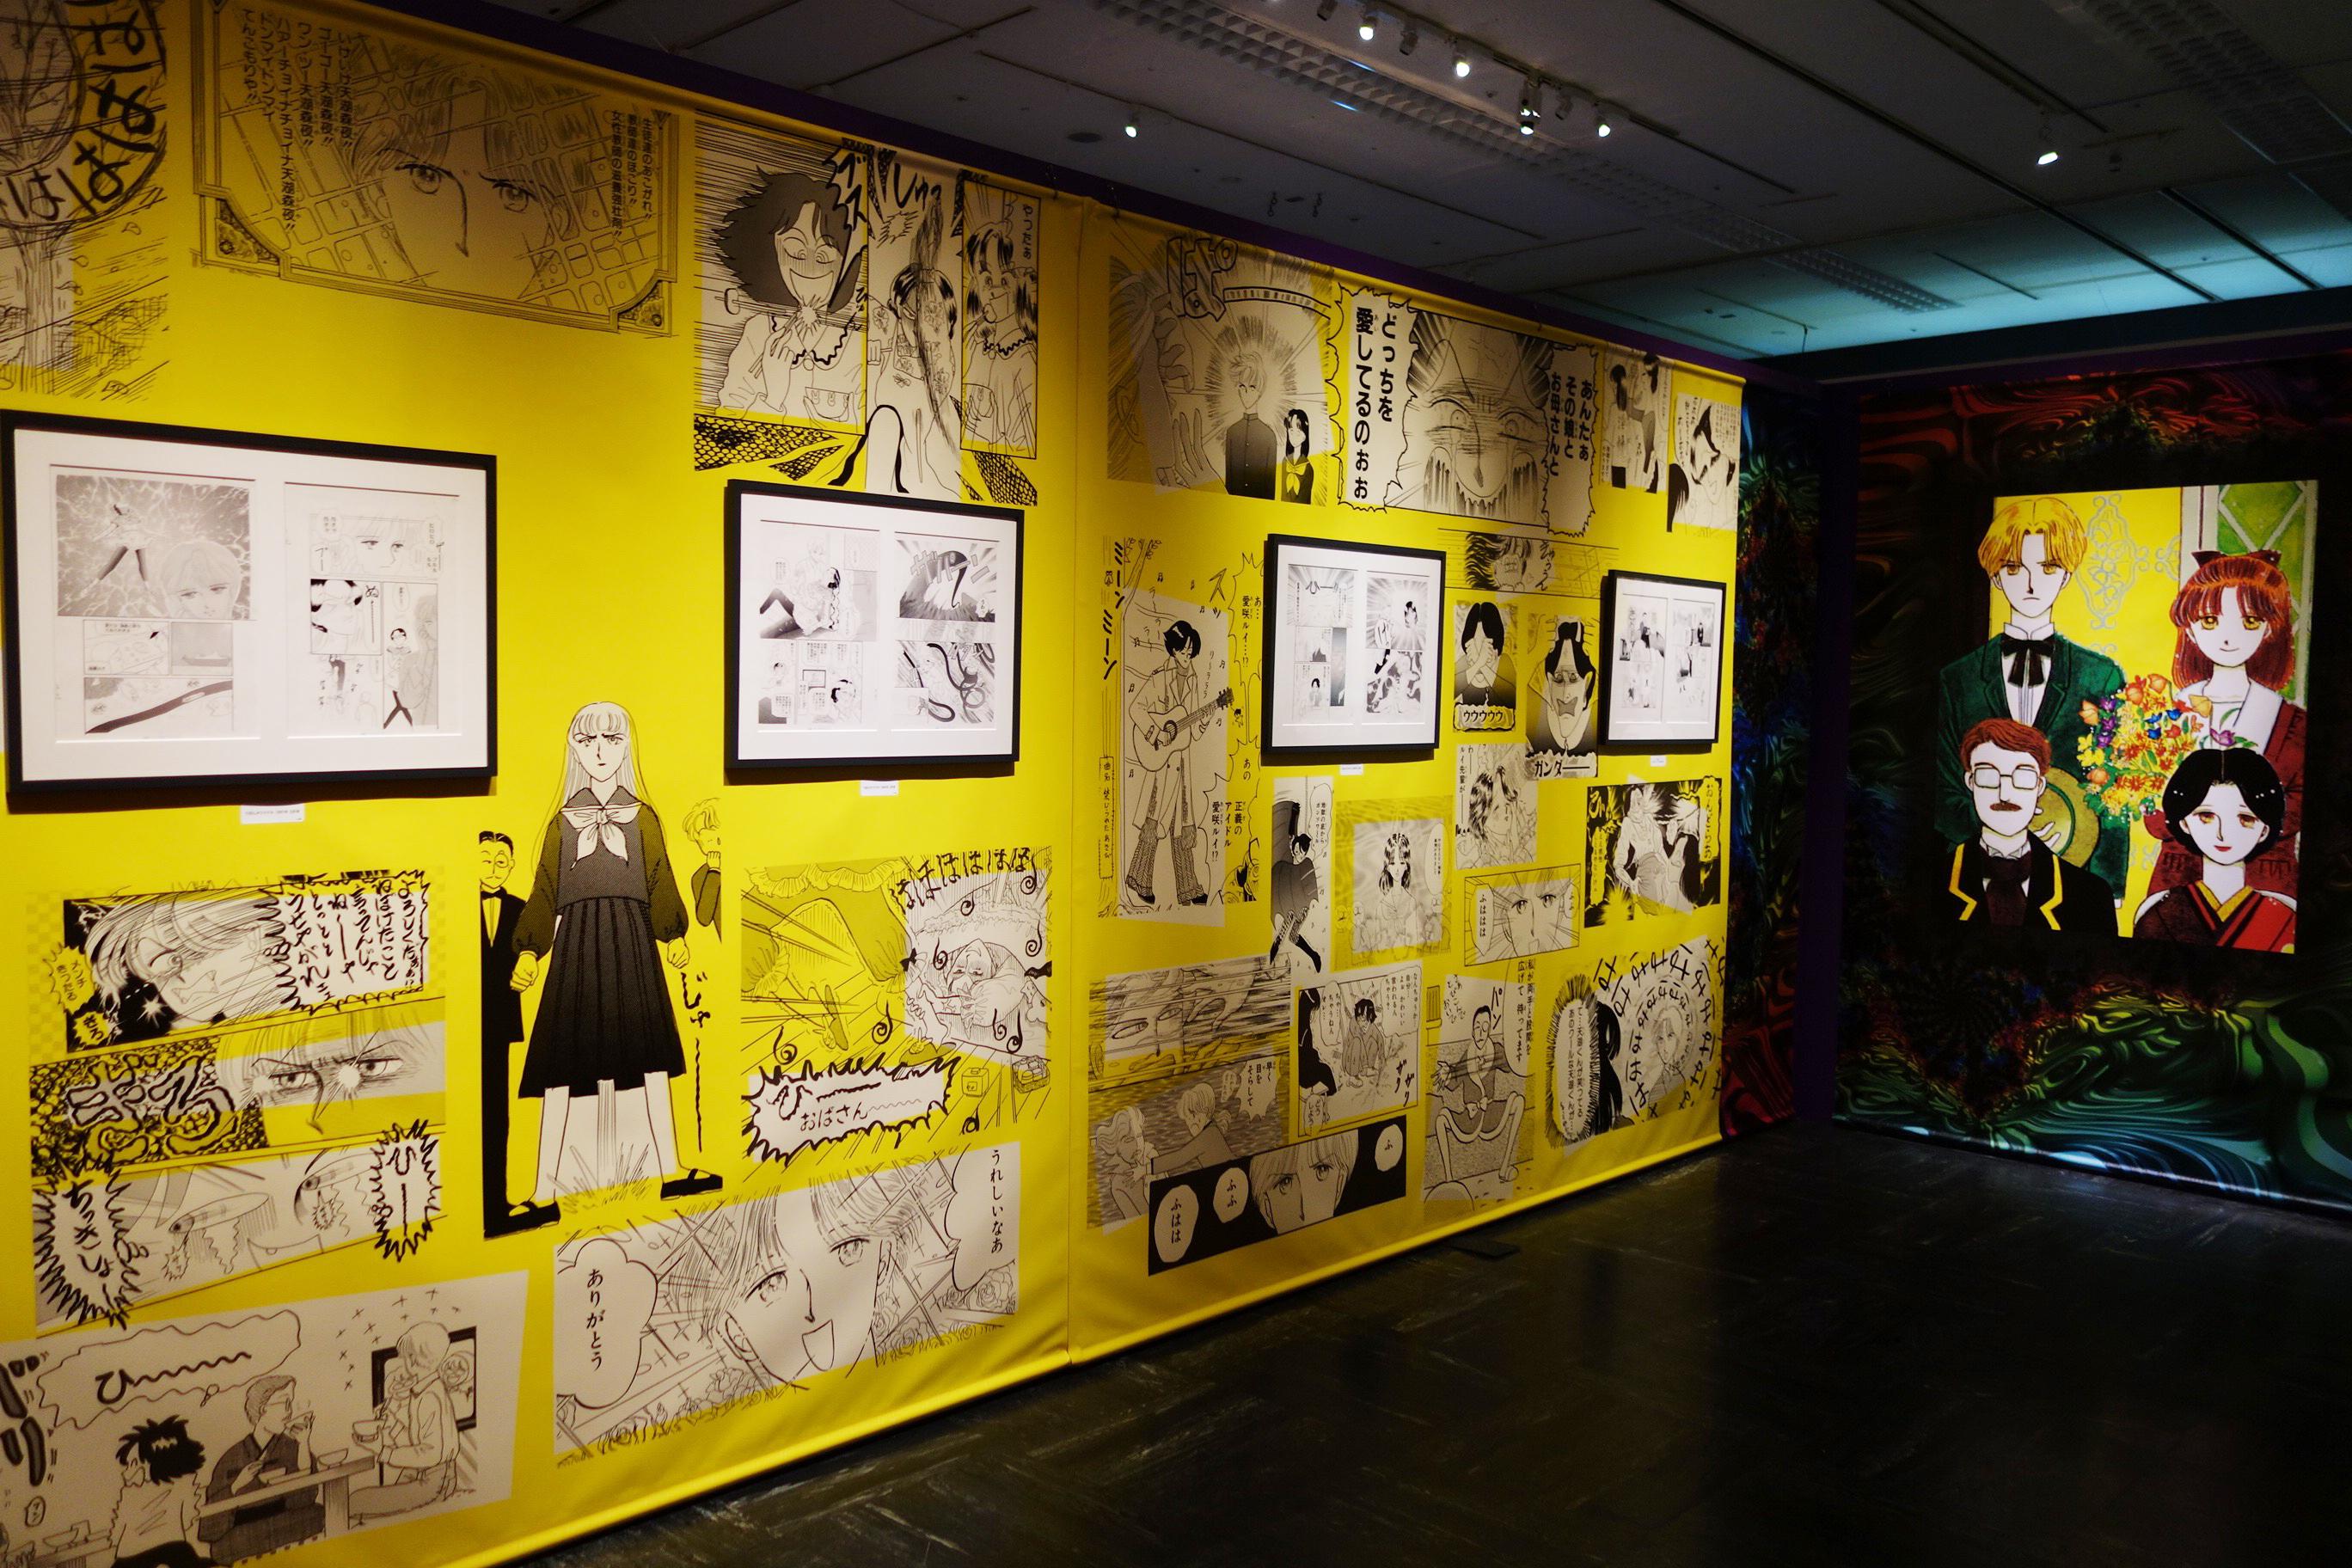 壁面にもイラストが散りばめられ、『ルナティック雑伎団』の世界観が表現されている。Ⓒ岡田あ〜みん/集英社